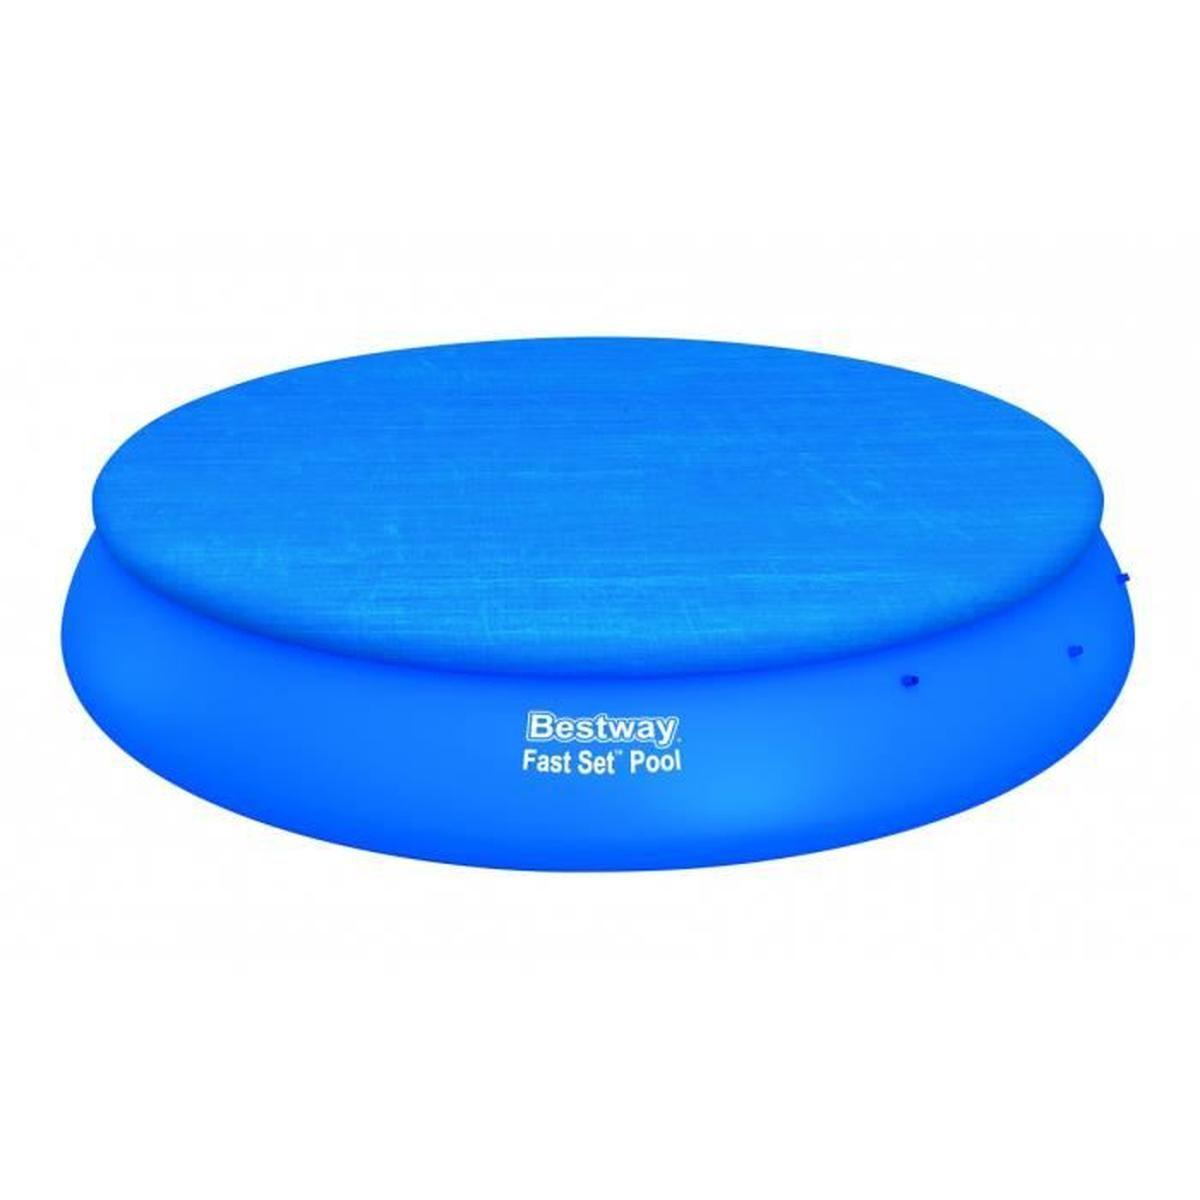 Bâche Piscine Ronde Bestway Fast Set Pool Cover Diam 457 Cm 4 Saisons Pvc  Ultra Résistant Bleu à Bache Piscine Intex 3.66